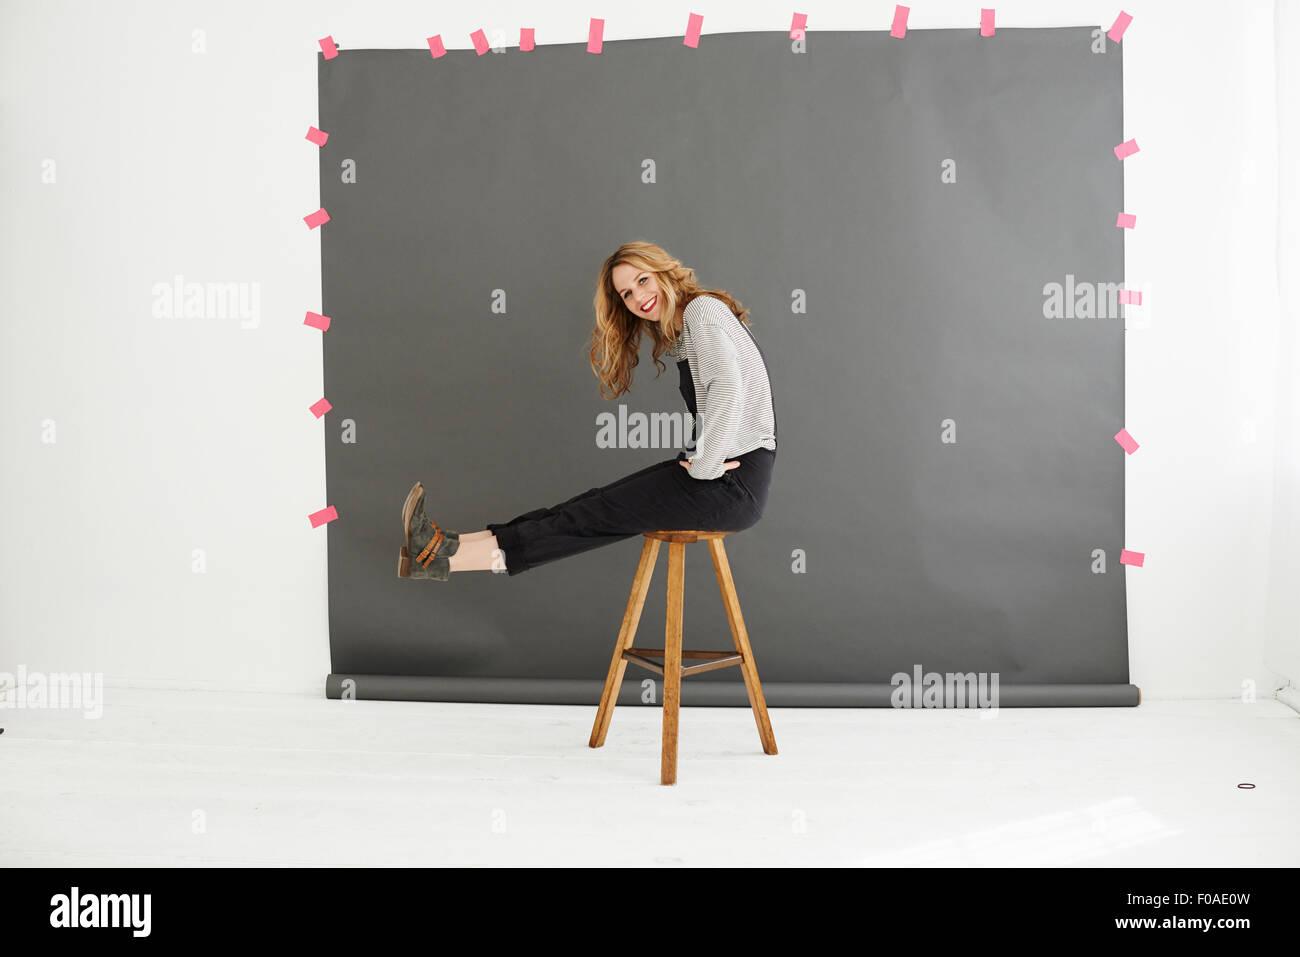 Femme sur tabouret devant les photographes de toile Photo Stock